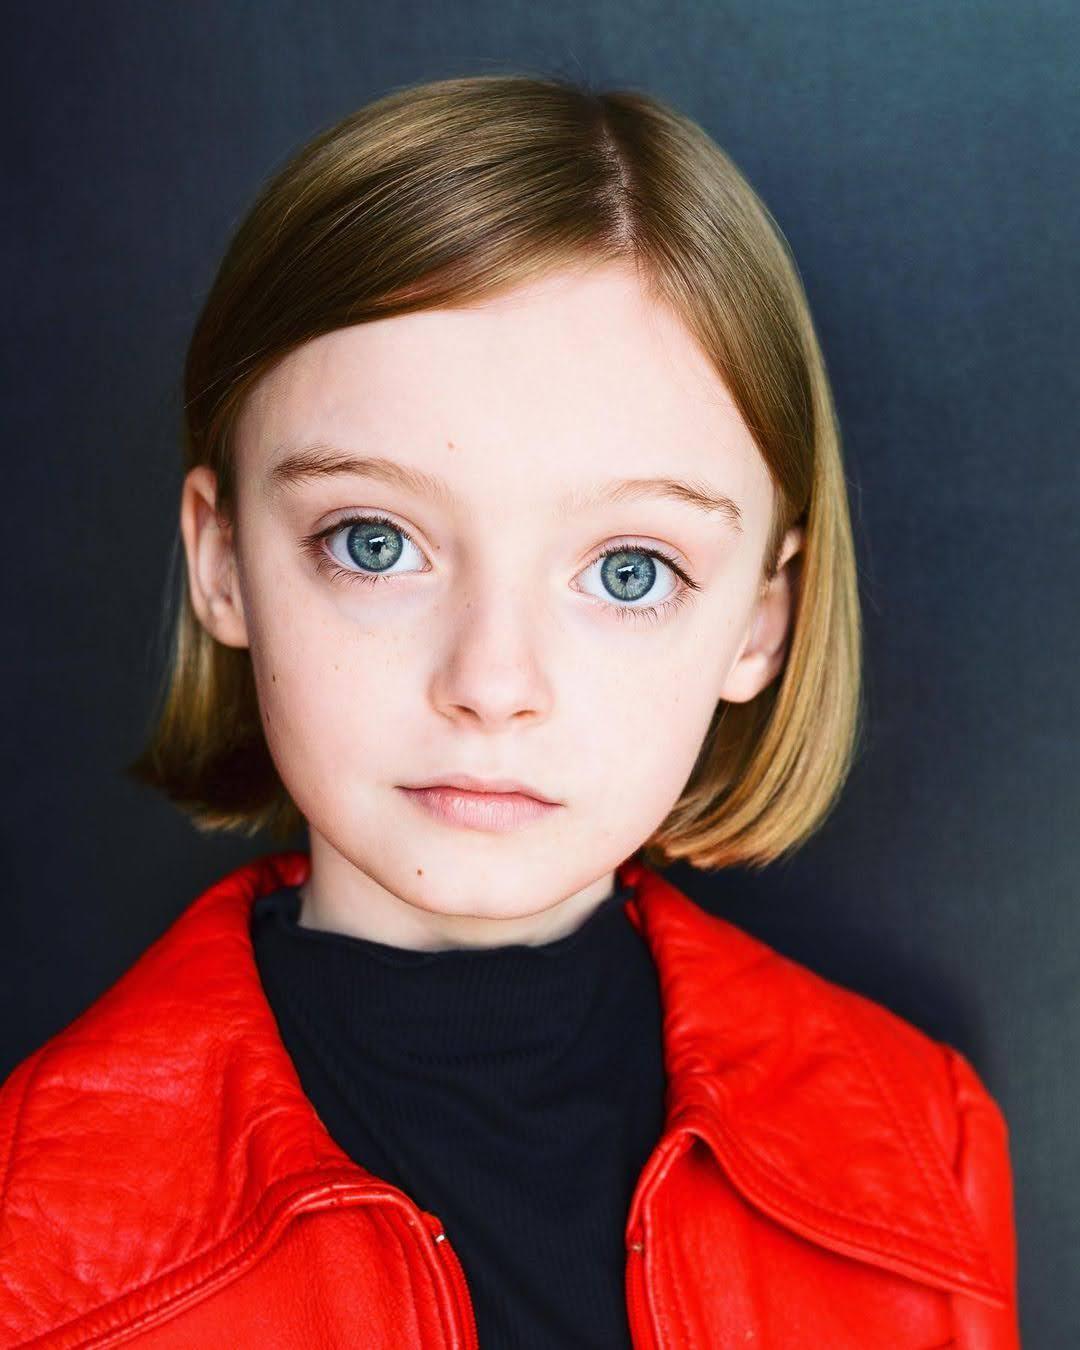 Olive Elise Abercrombie 9